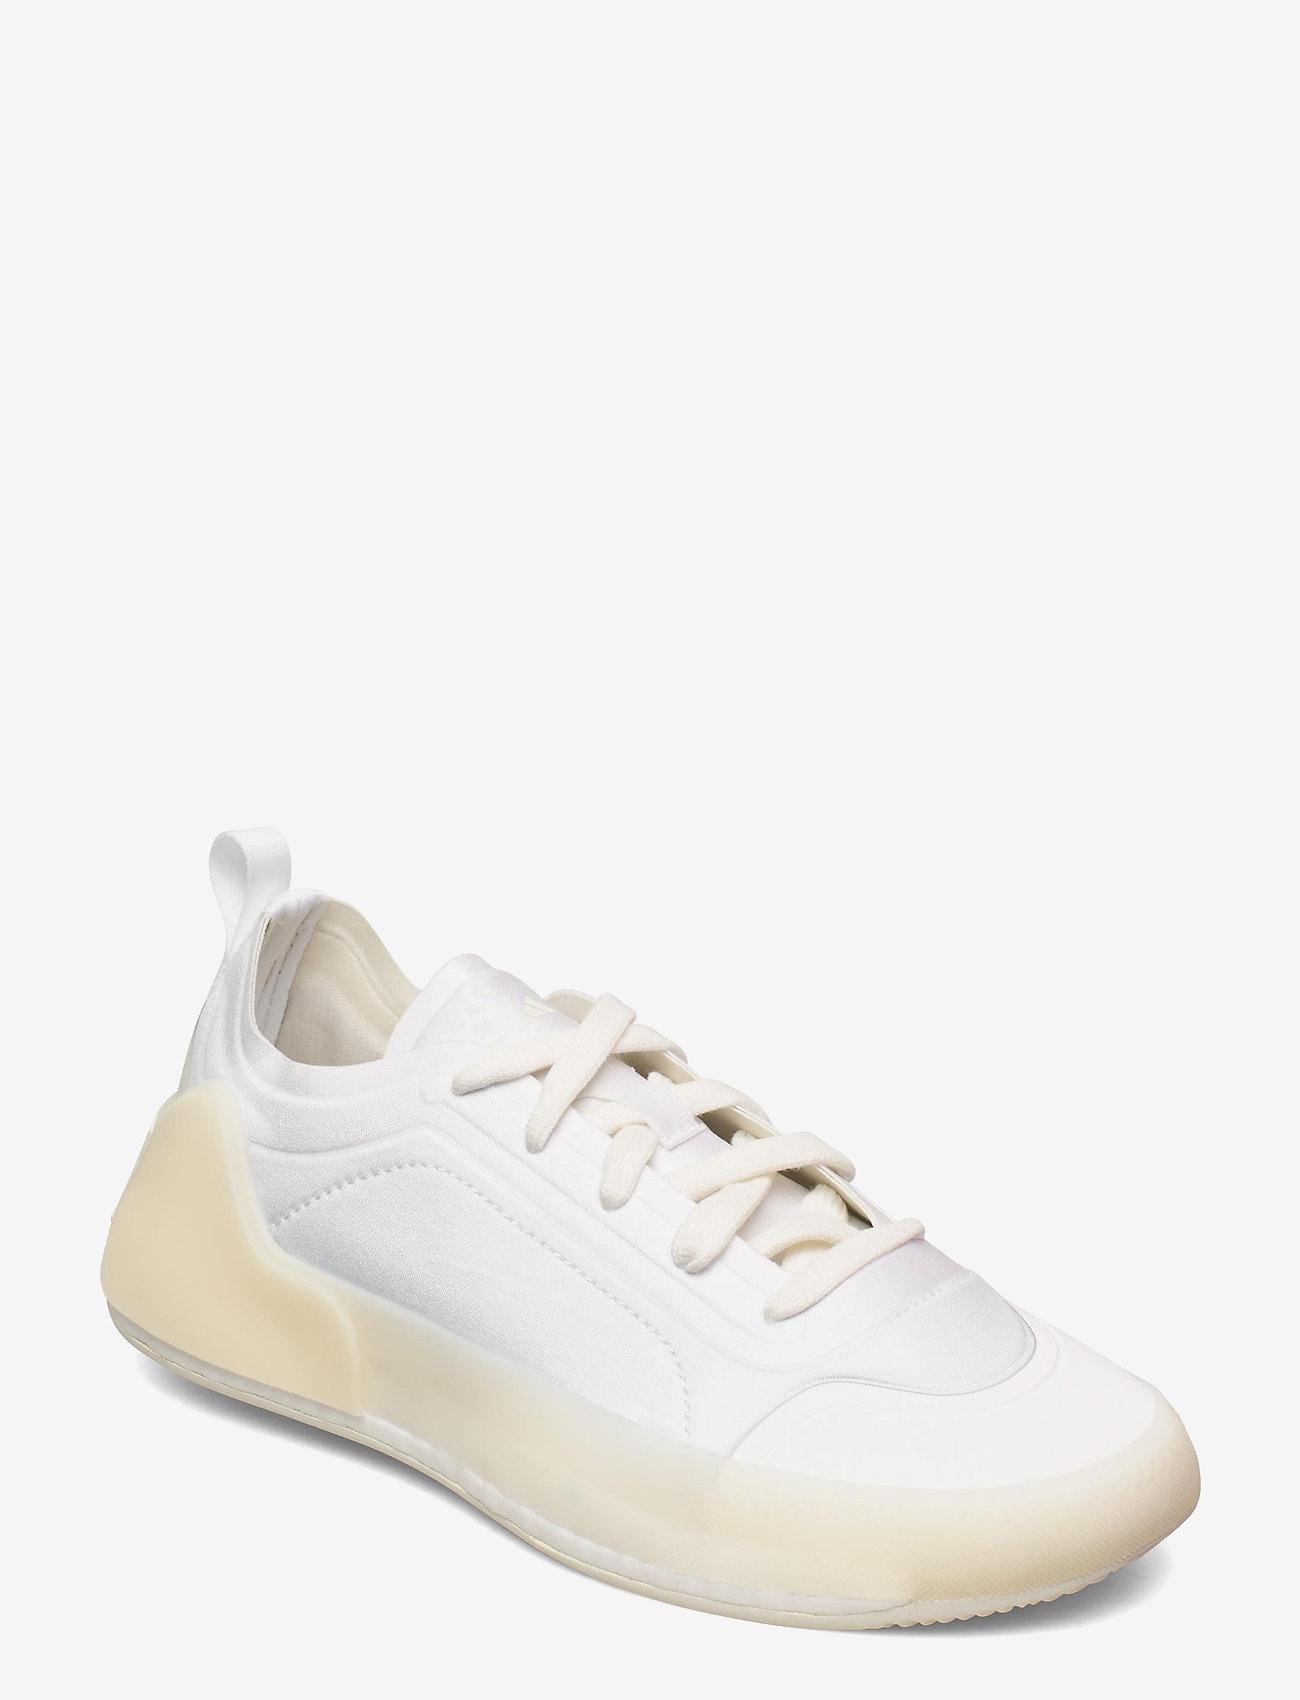 adidas by Stella McCartney - aSMC Treino - training shoes - ftwwht/ftwwht/ftwwht - 0